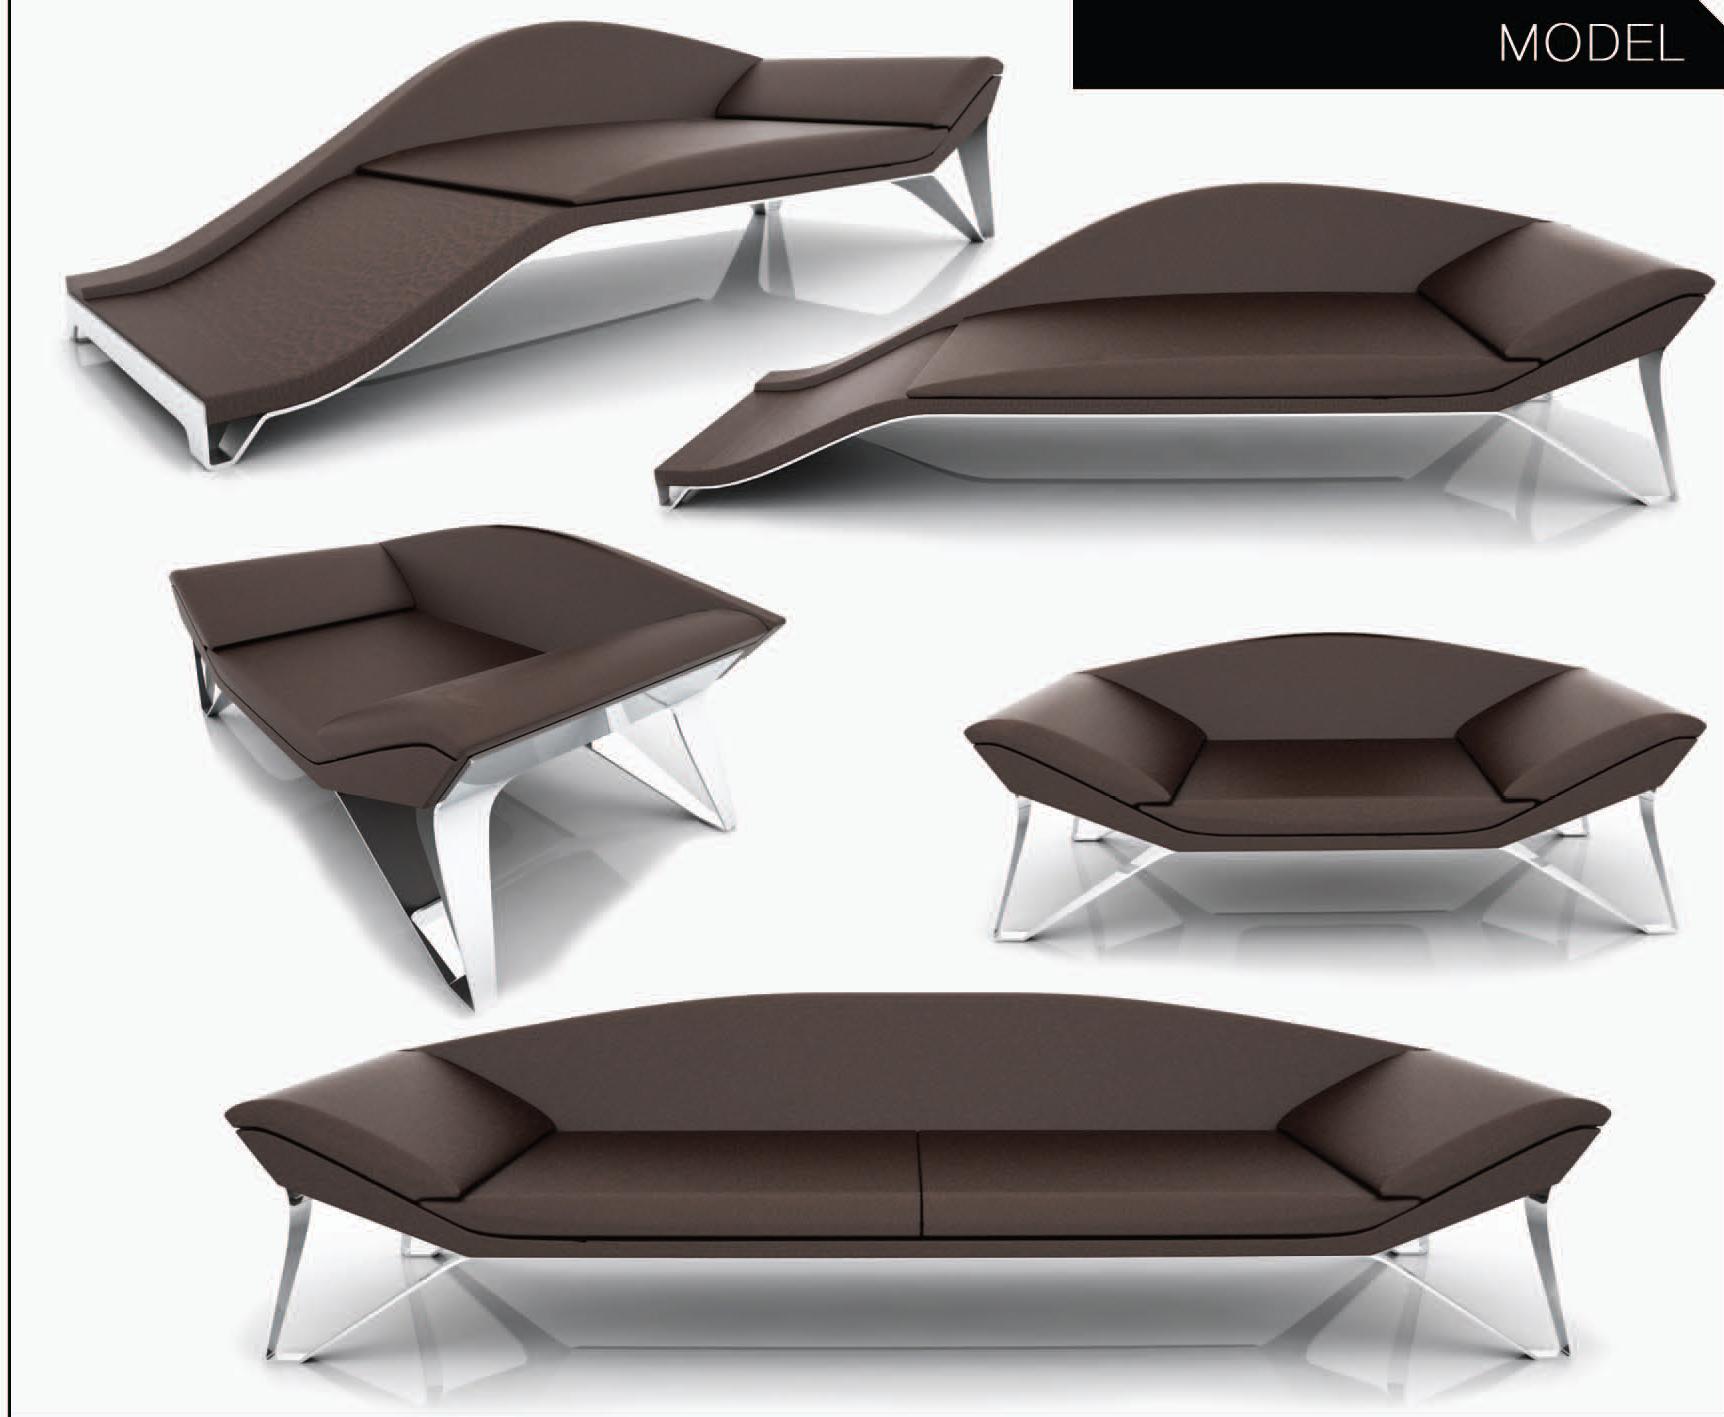 Aston Martin Furniture футуристическая мебель современный дизайн мебели современная мебель